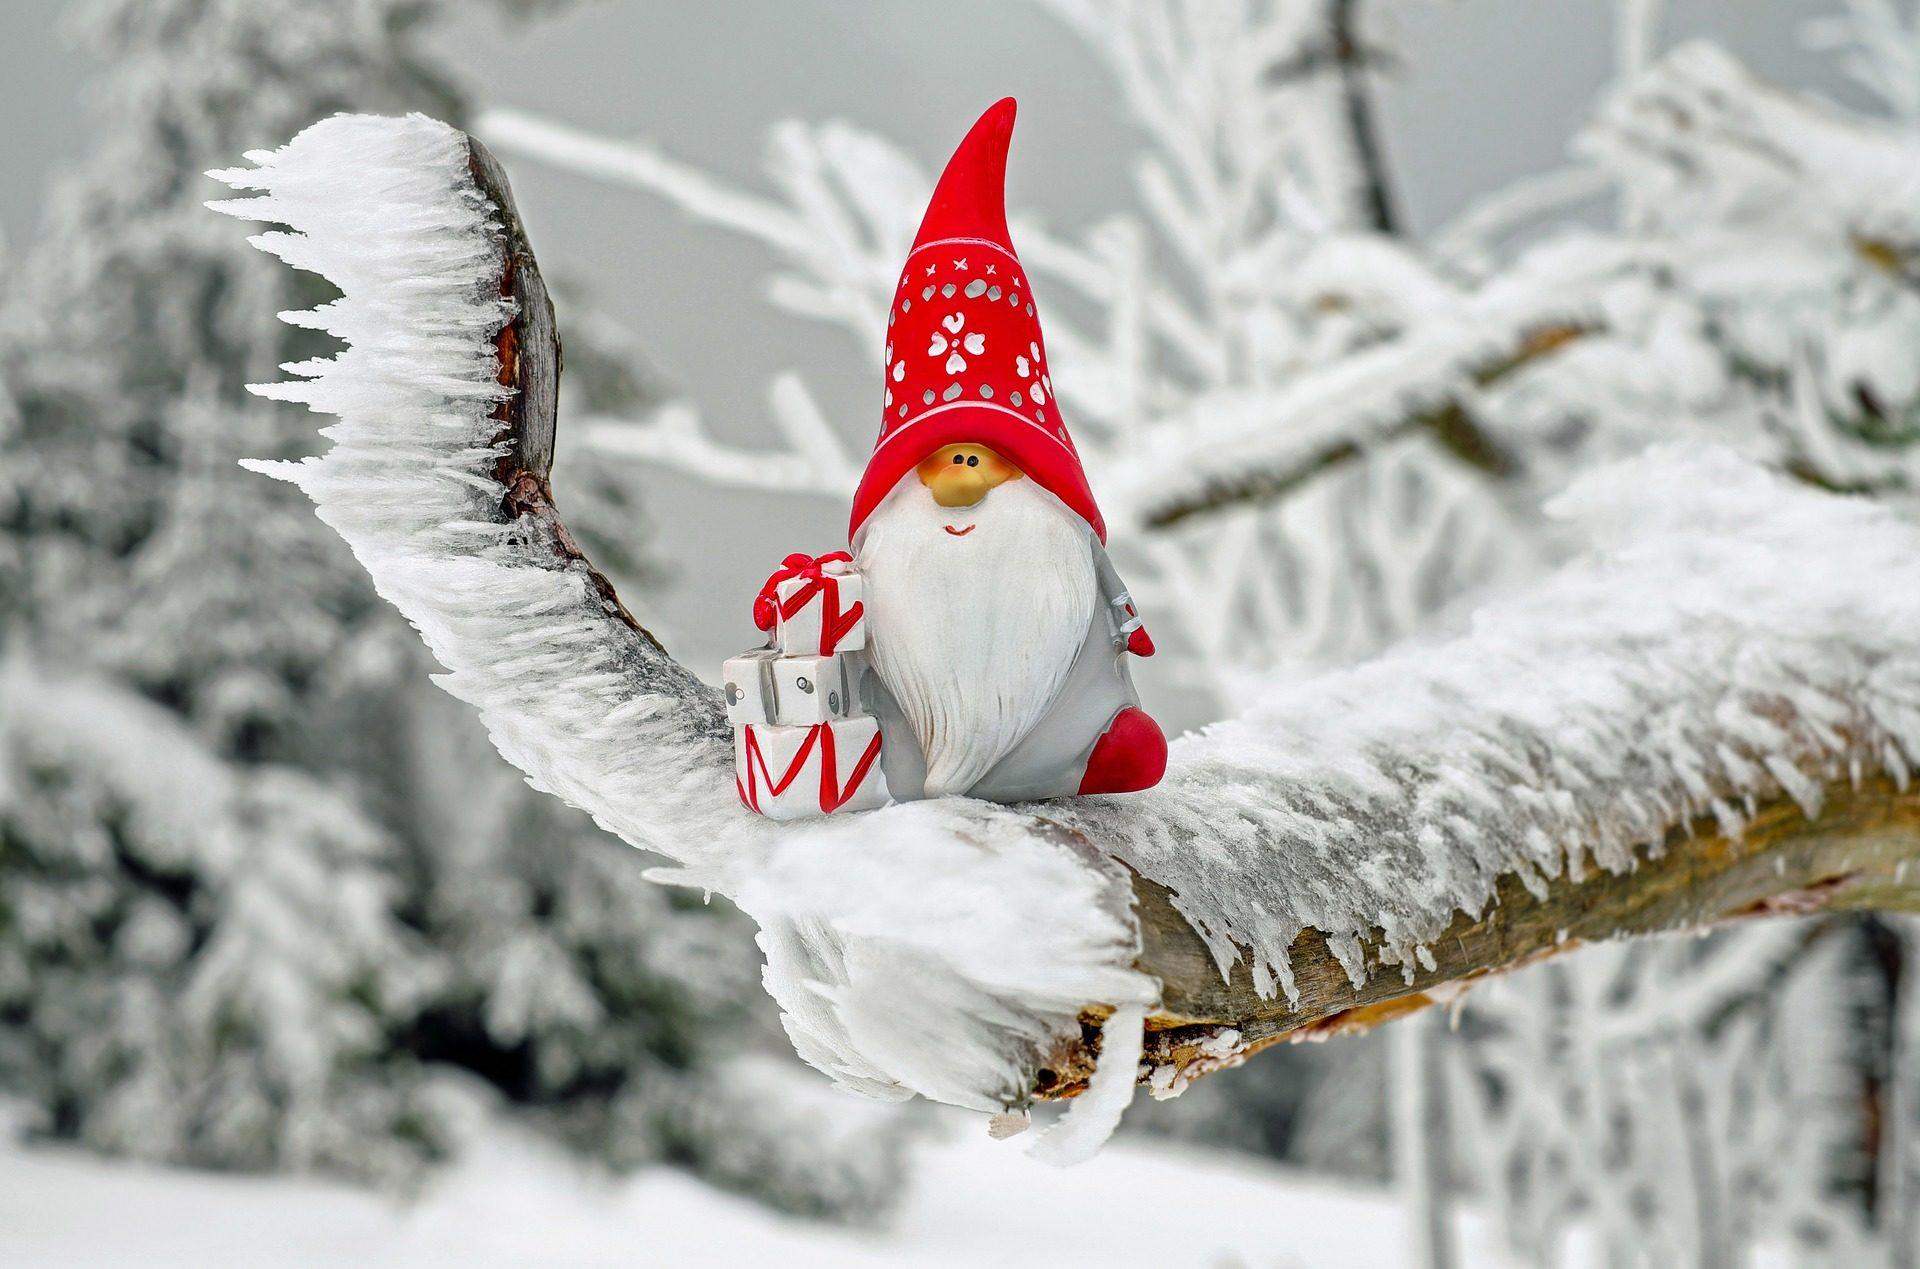 santa claus, سانتا كلوز, فرع, الثلج, الجليد, الهدايا, عيد الميلاد, فصل الشتاء - خلفيات عالية الدقة - أستاذ falken.com